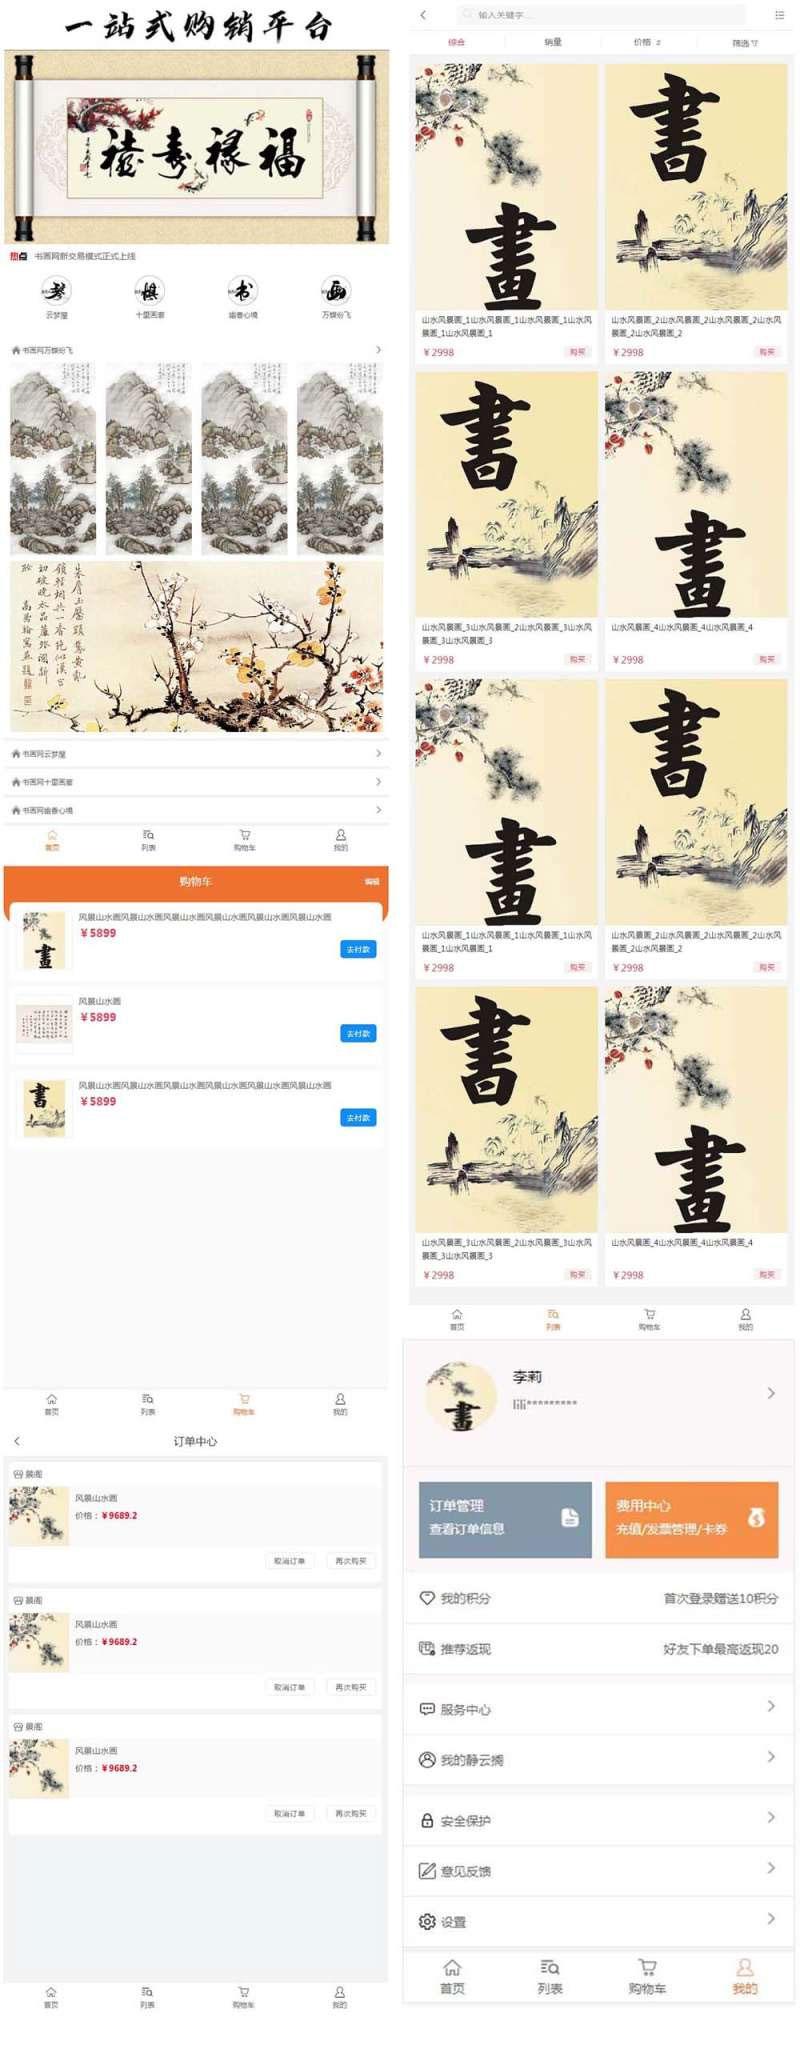 手机移动端书画艺术品销售商城平台网站模板